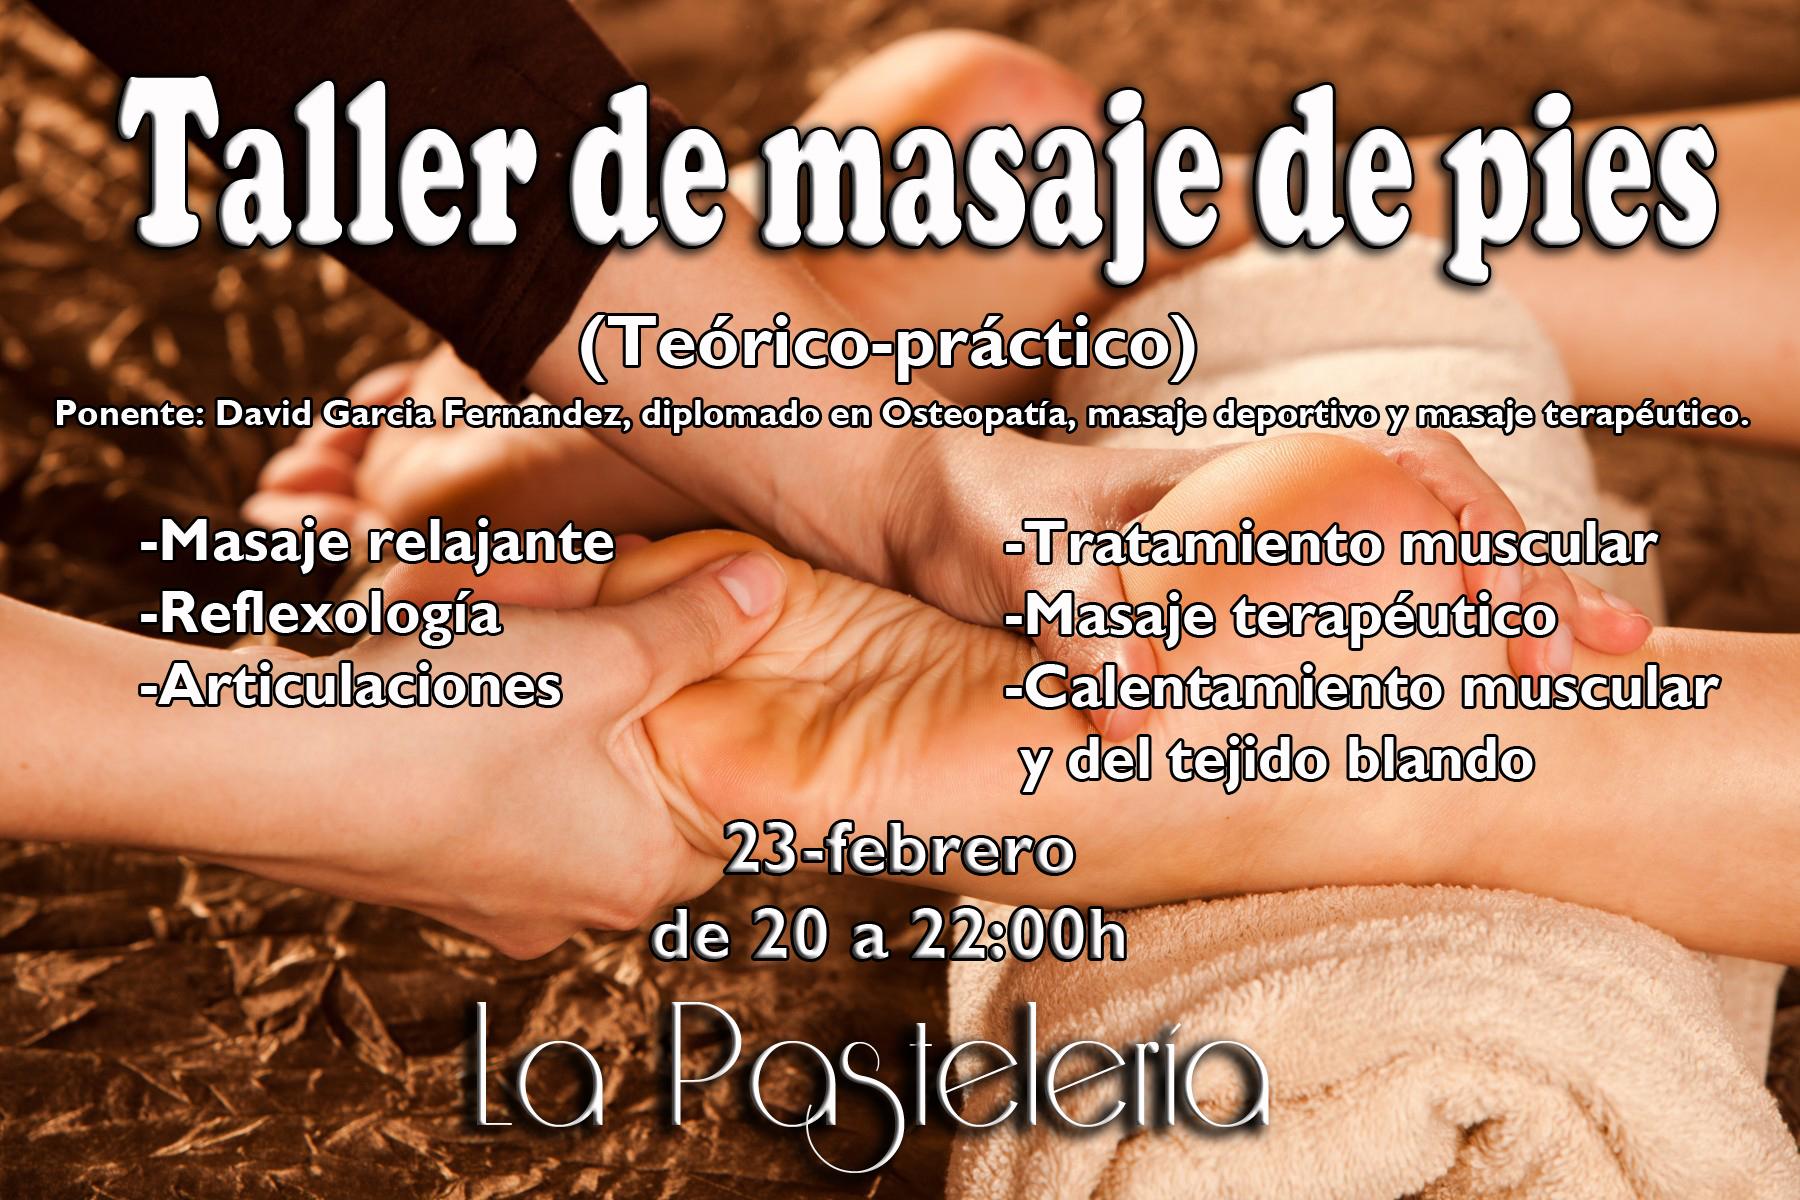 TALLER: MASAJE DE PIES (Teórico-práctico) en La Pastelería-MADRID @ La Pastelería | Madrid | Comunidad de Madrid | España